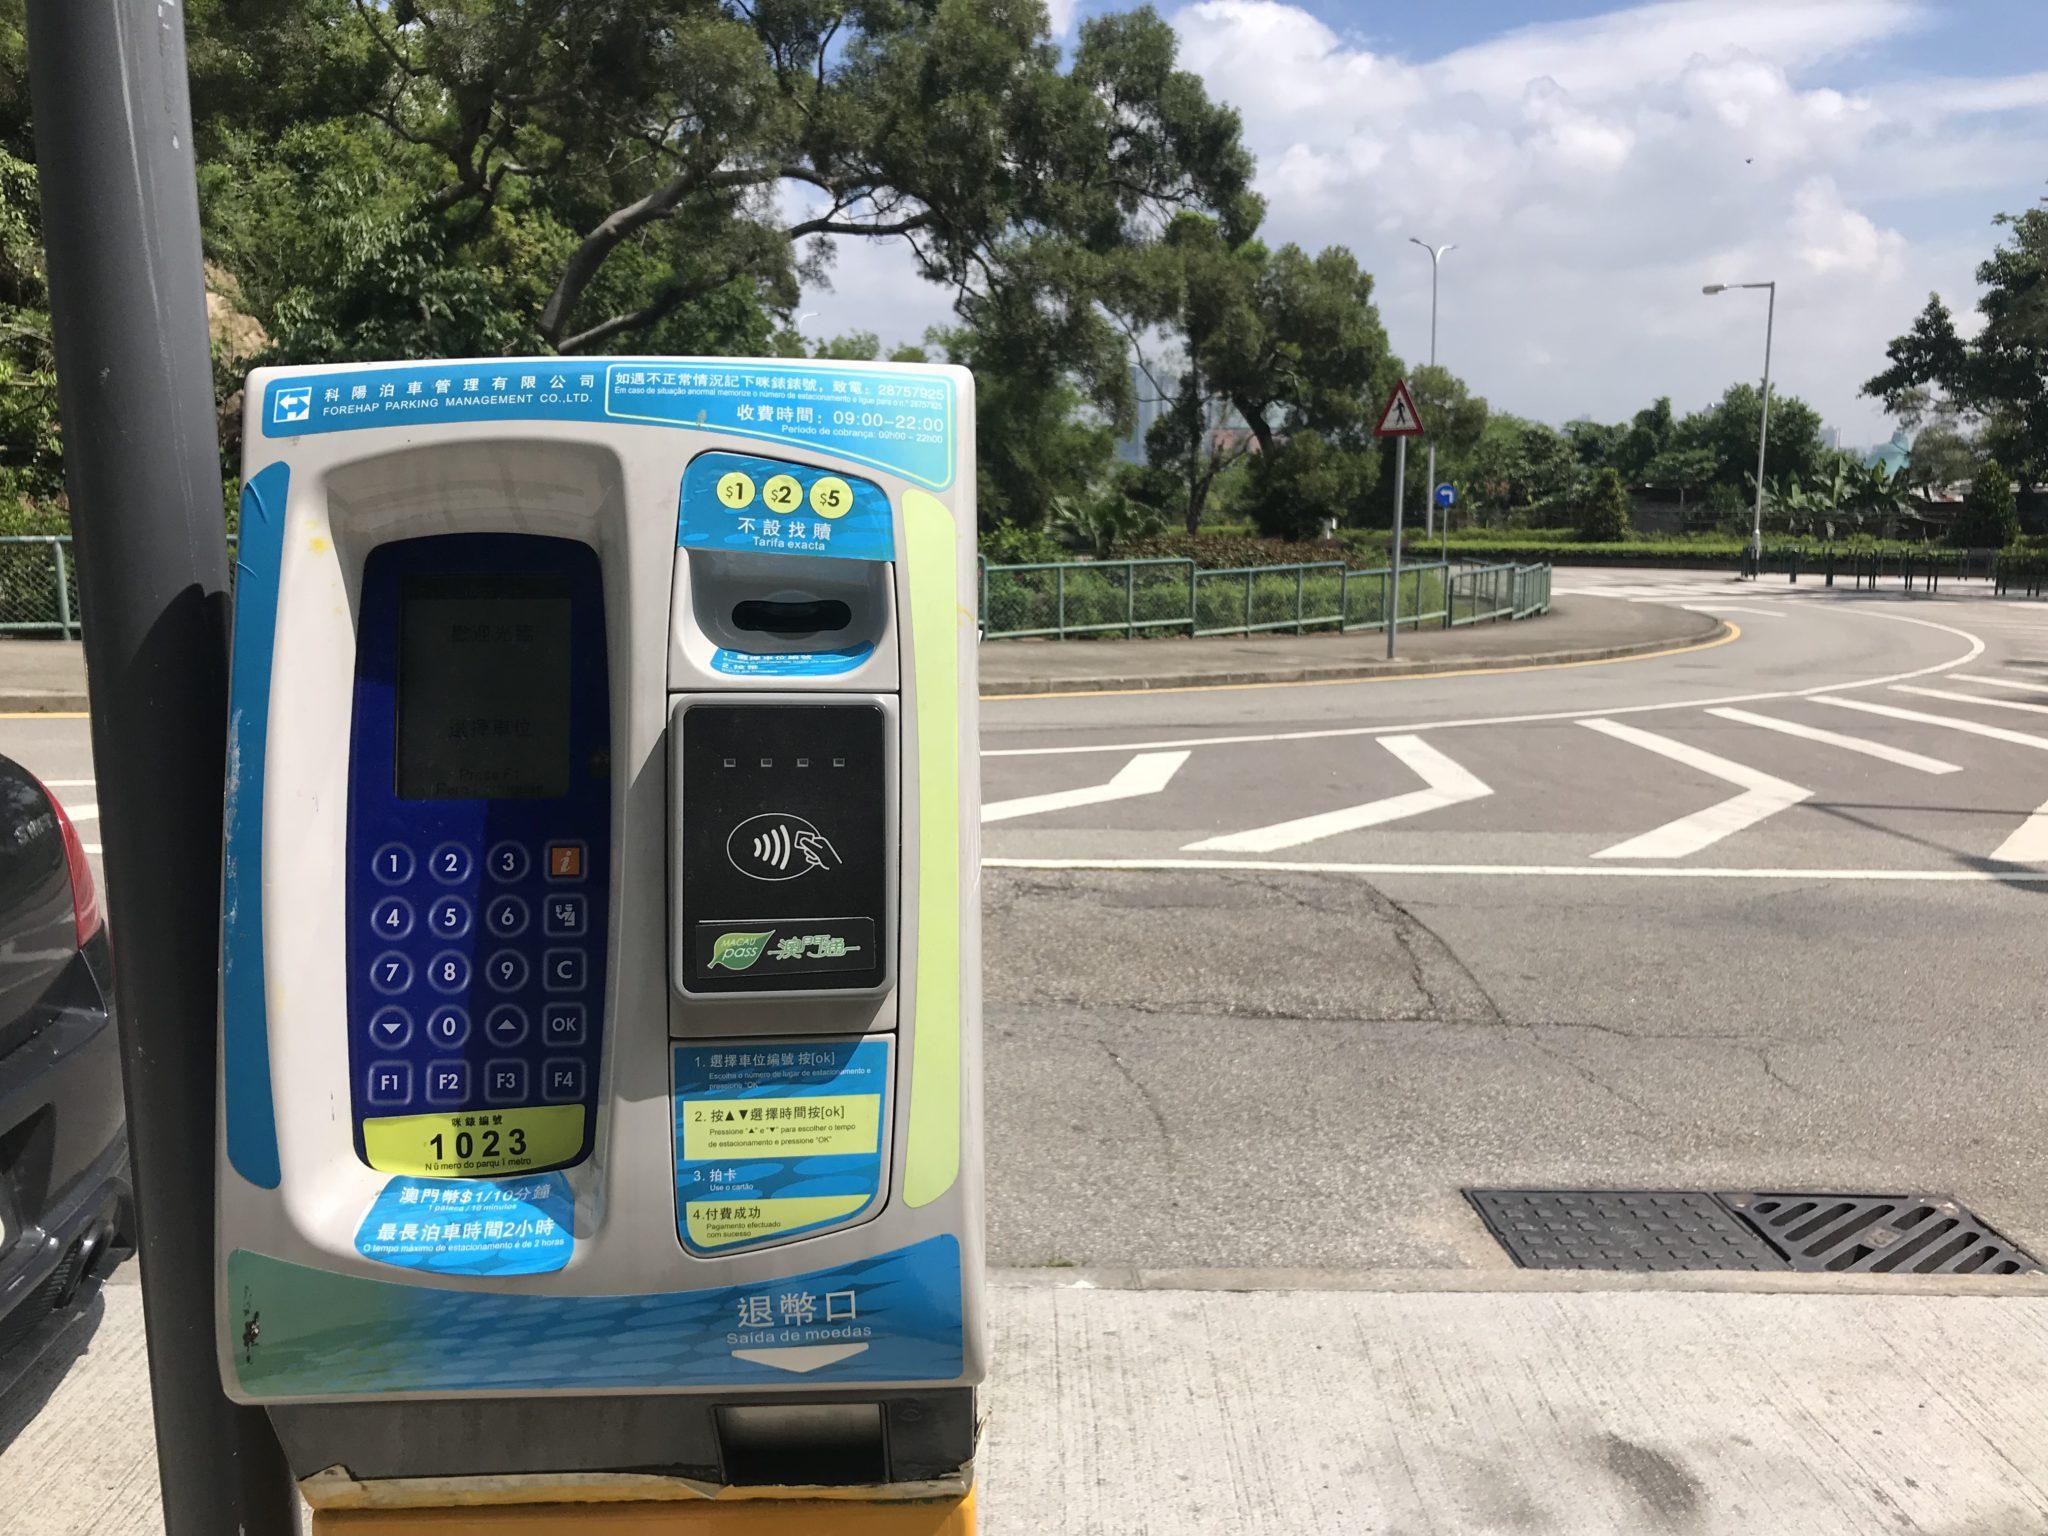 Estacionamento | DSAT promete mais lugares para motociclos